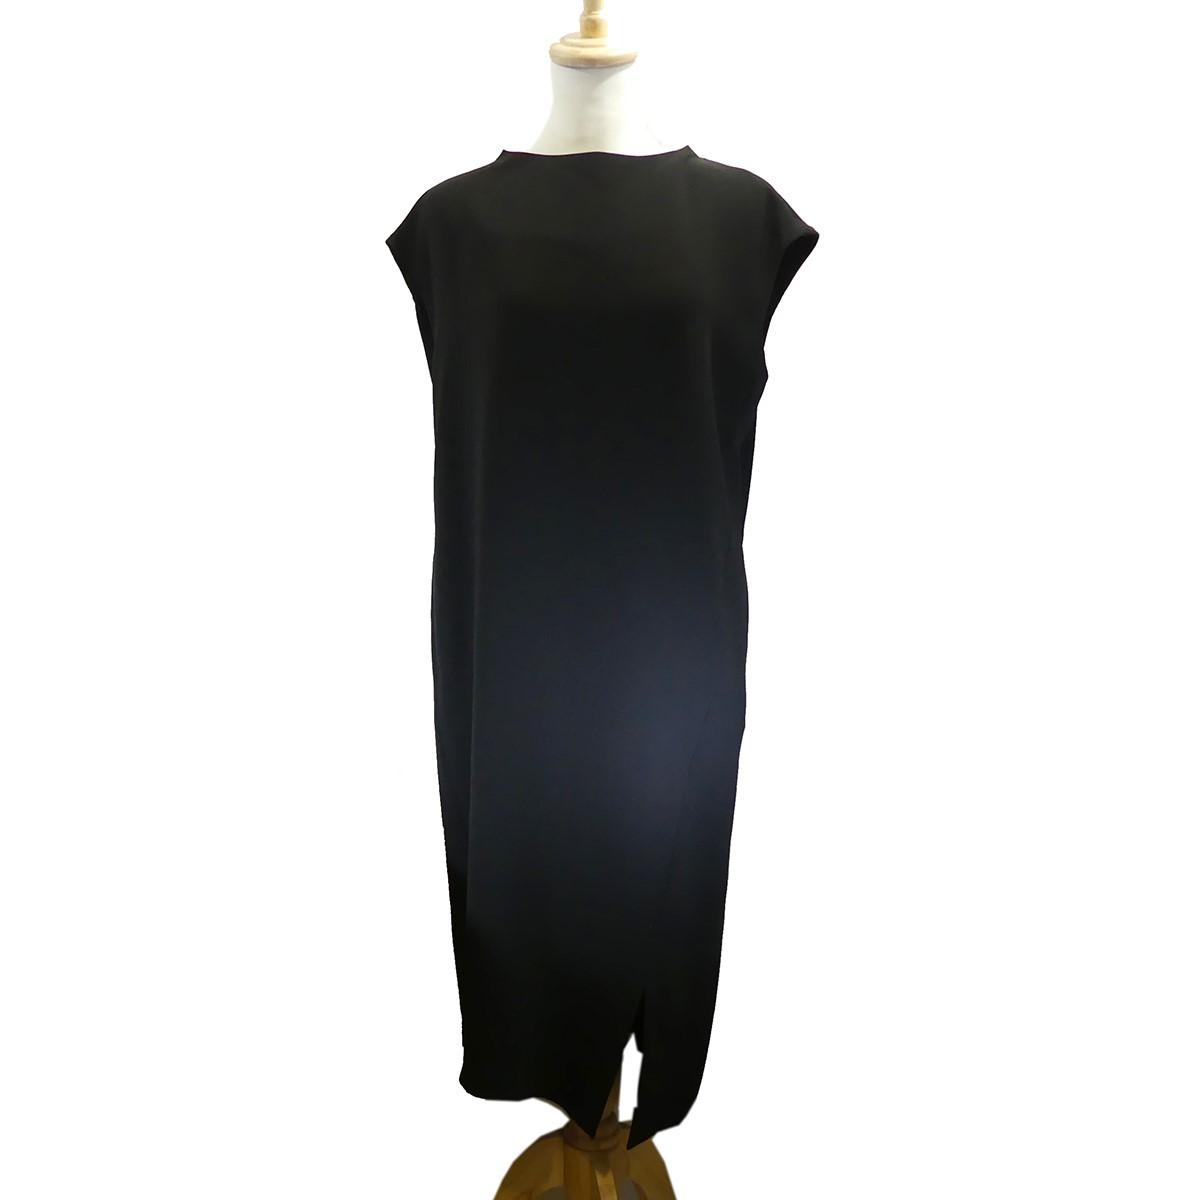 【中古】ENFOLD ジョーゼットフレンチスタンドドレス ノースリーブワンピース ブラック サイズ:38 【110820】(エンフォルド)